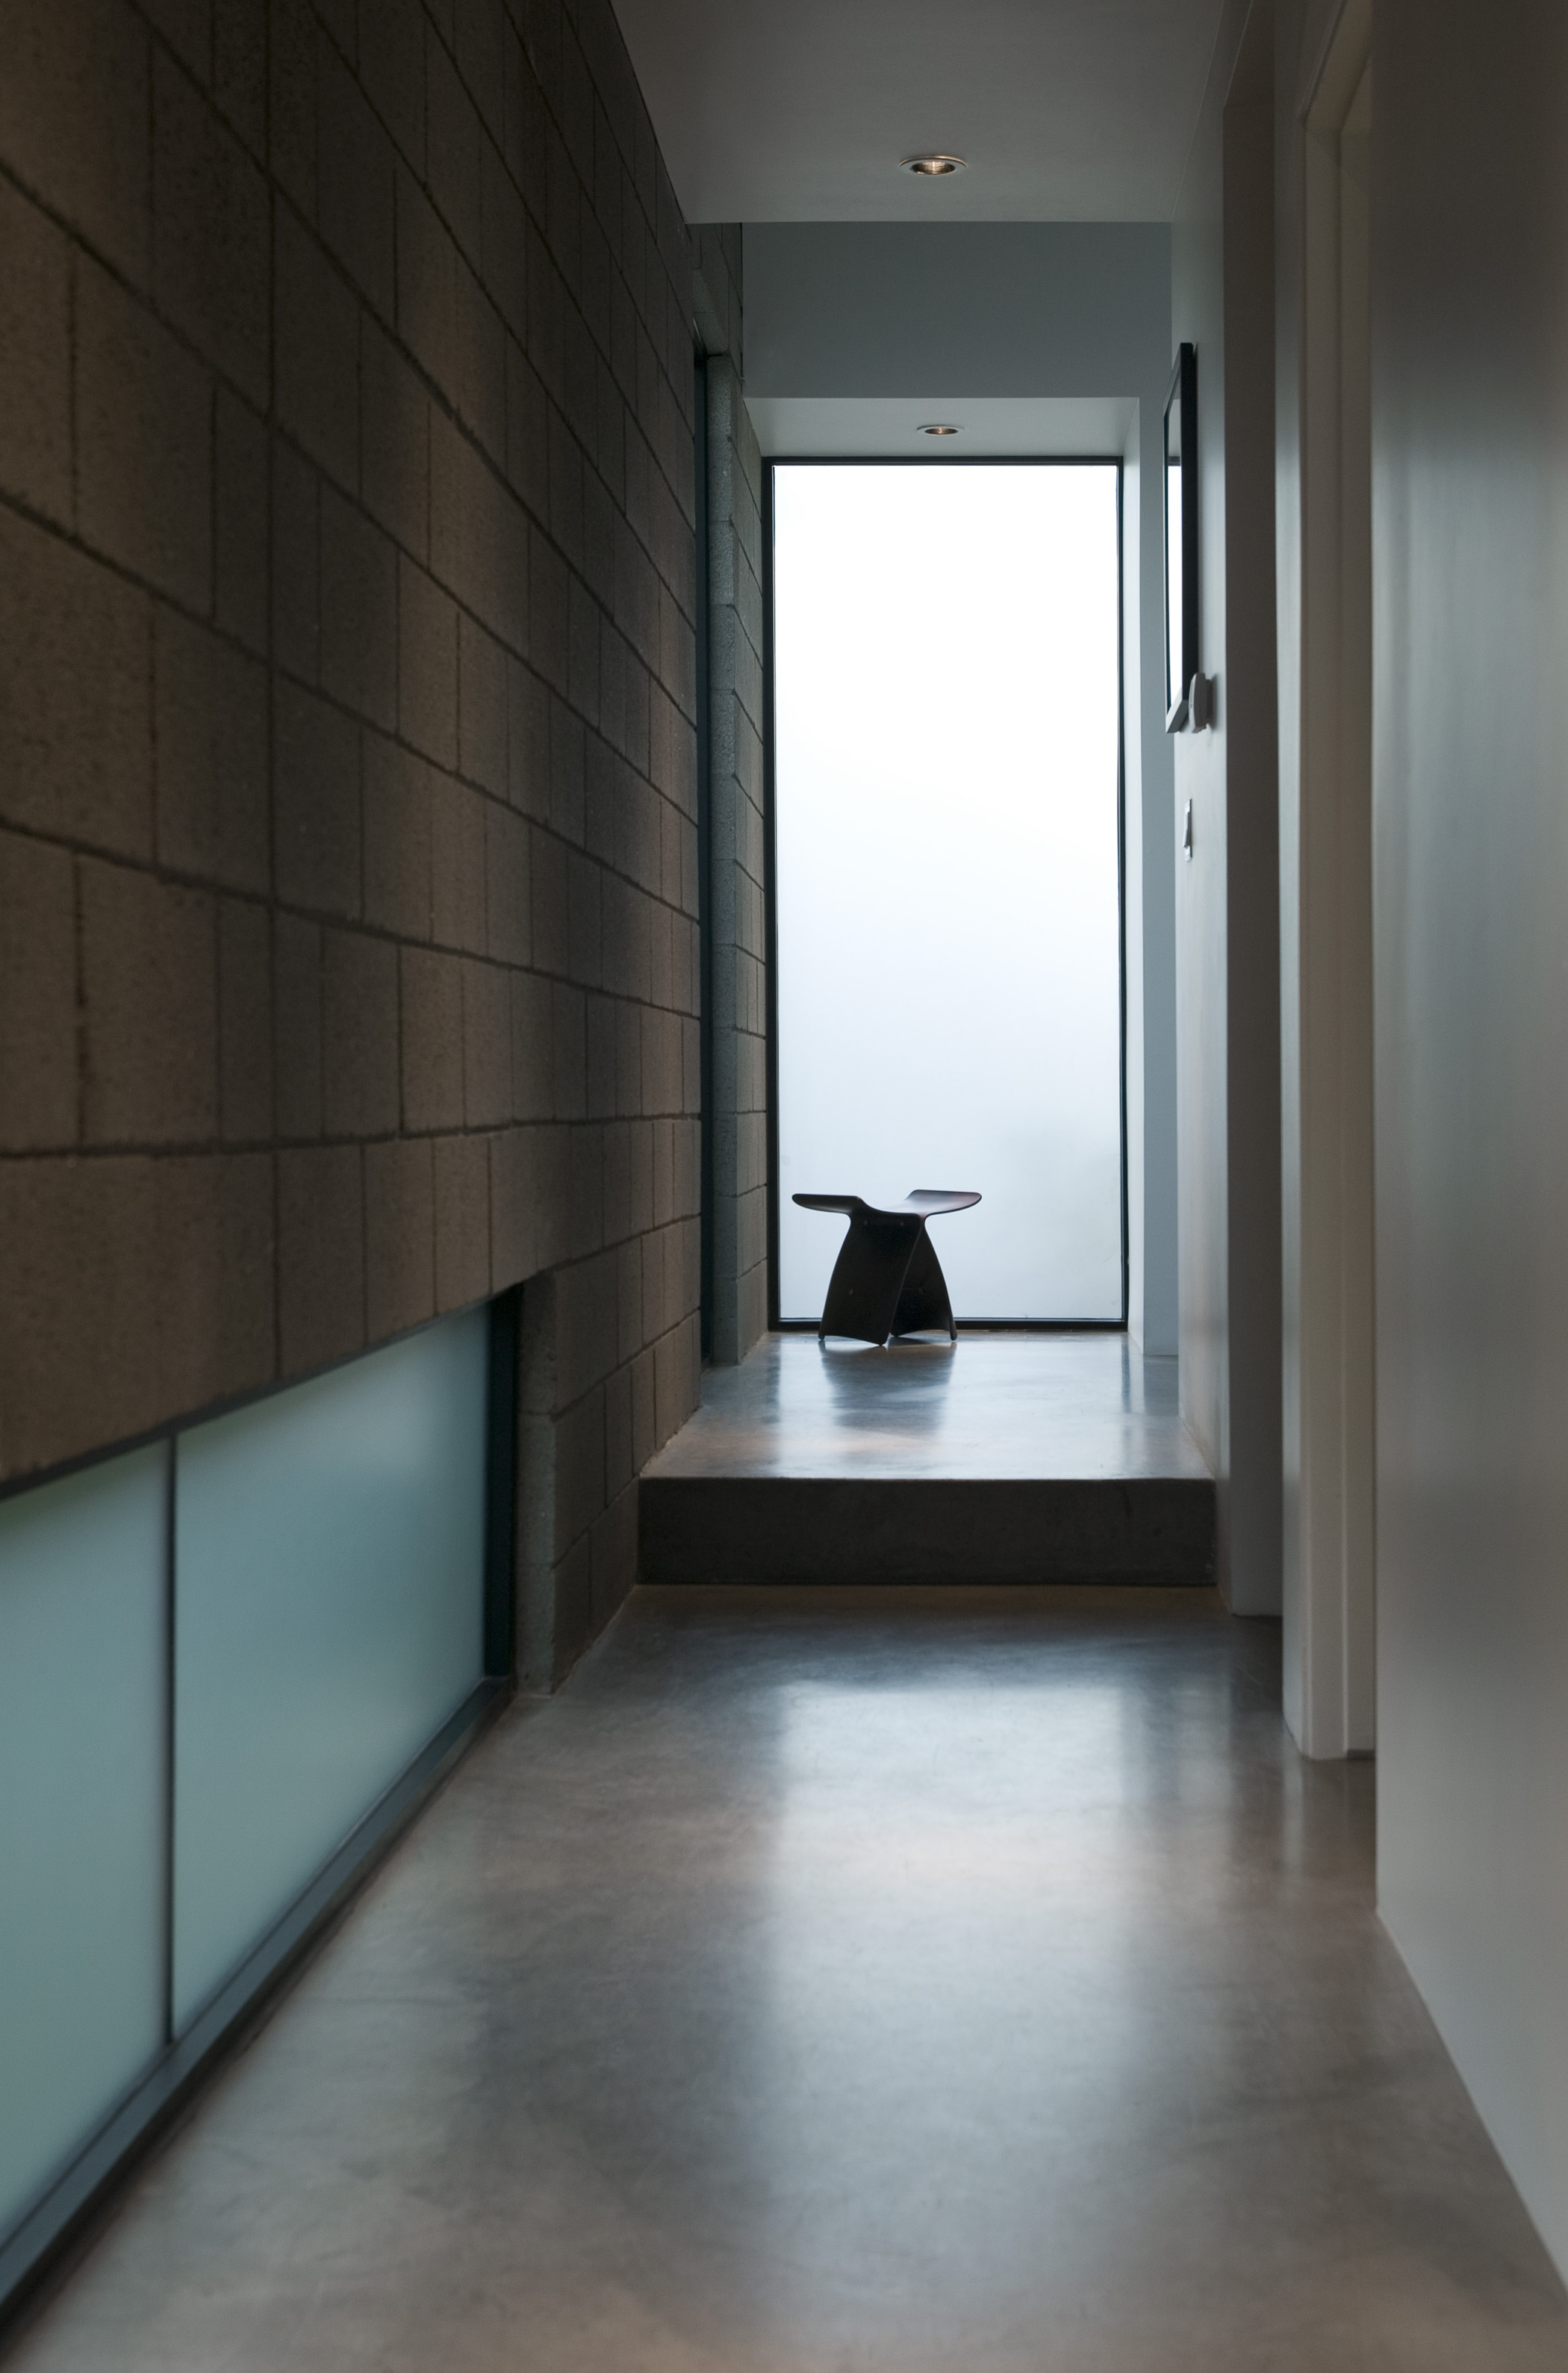 05 Chen + Suchart Studio LLC - Sosnowski Res Image.jpg